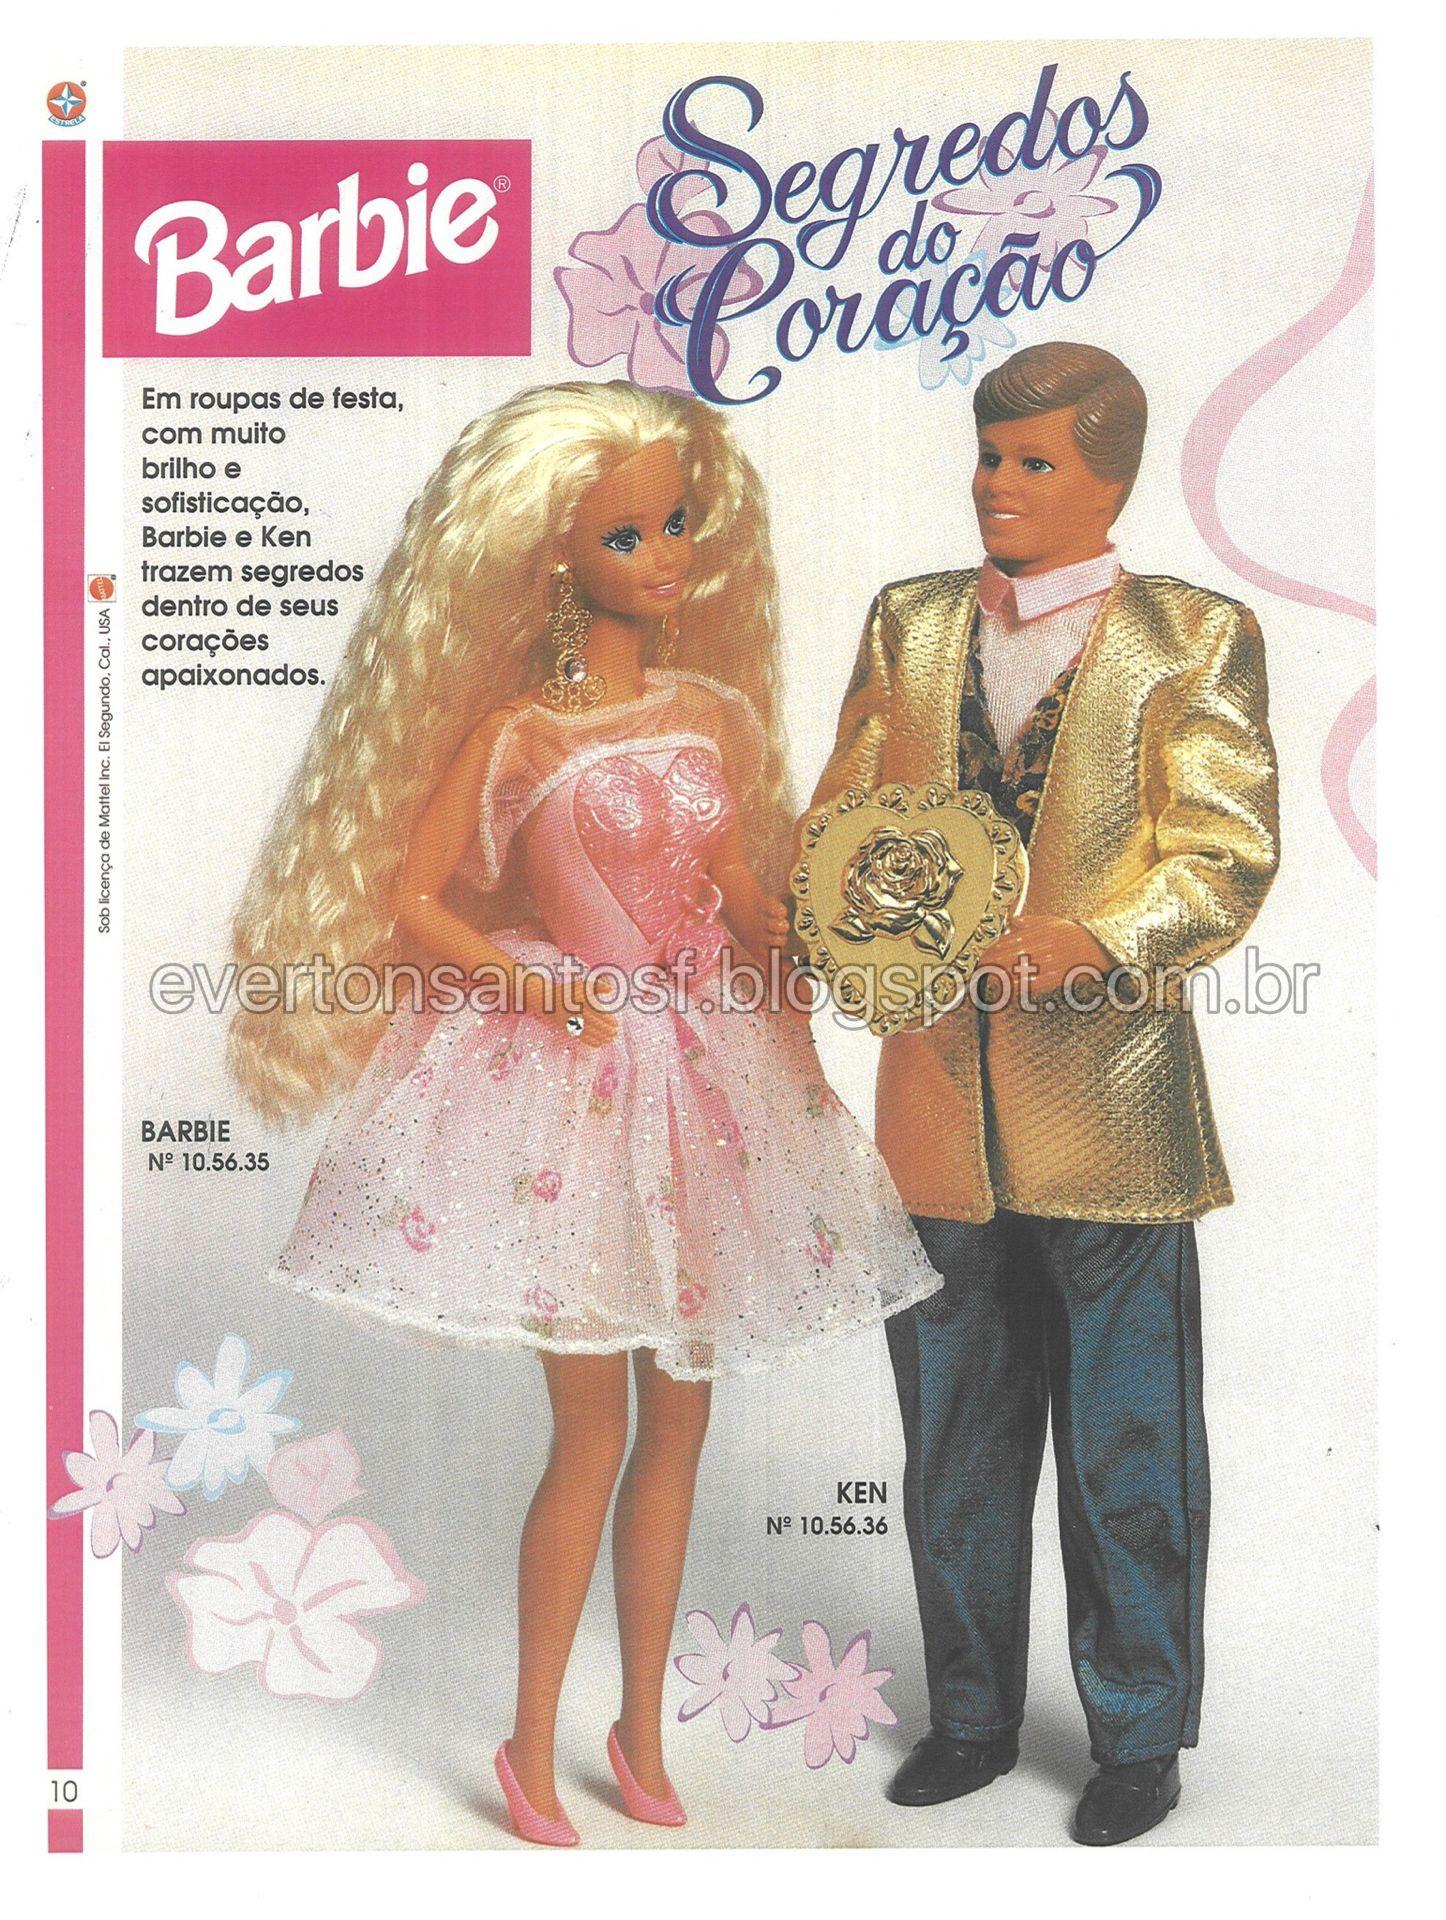 CATÁLOGO BARBIE   KEN, SEGREDOS DO CORAÇÃO 1994.   Barbie a Boneca ... 222a8b1bef